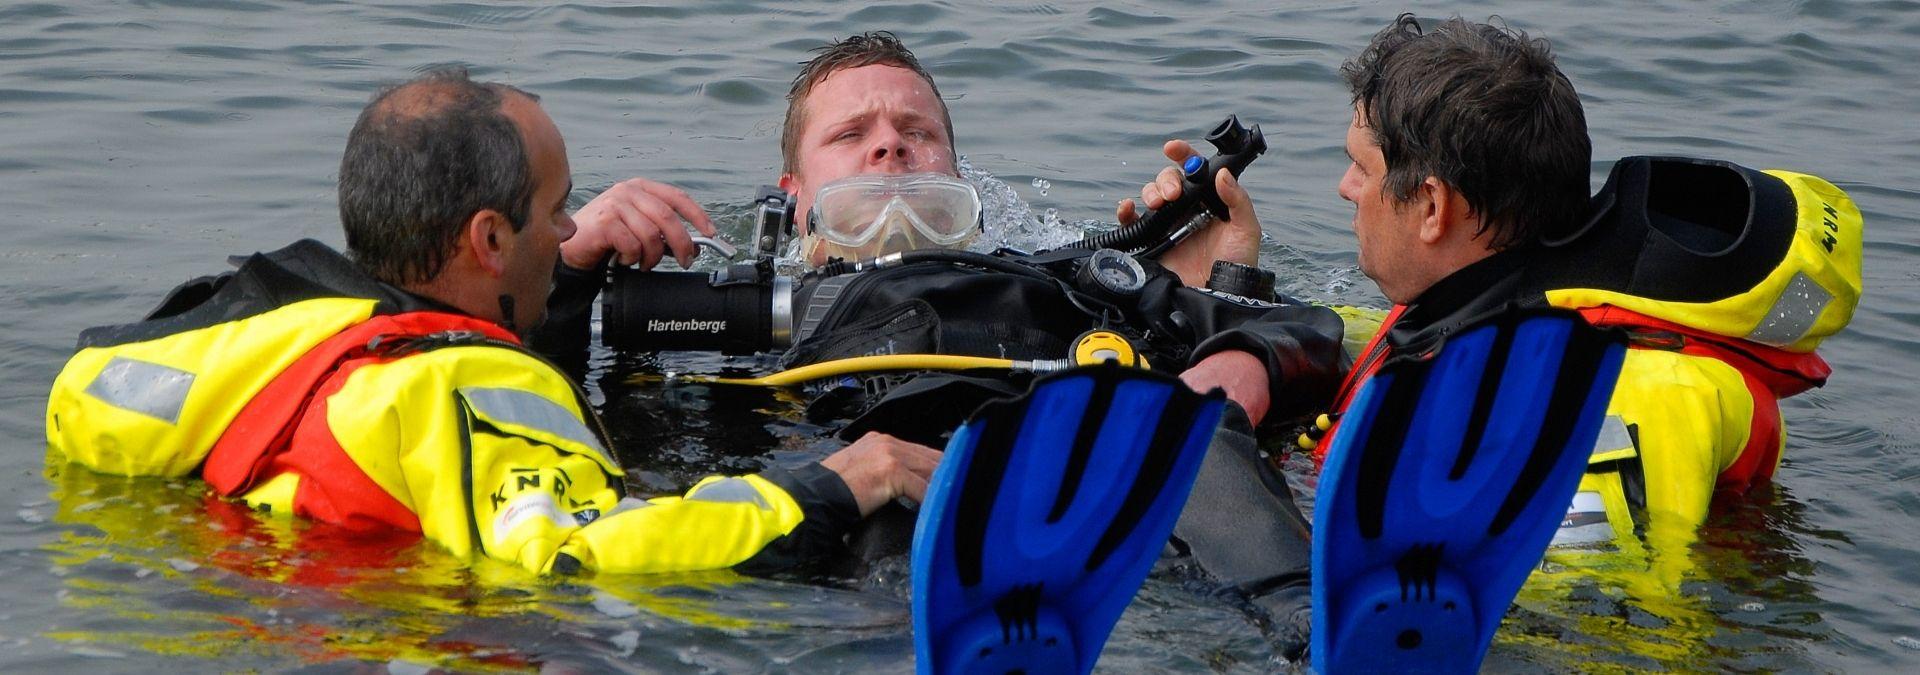 KNRM en duikers trainen reddingstechnieken op zee